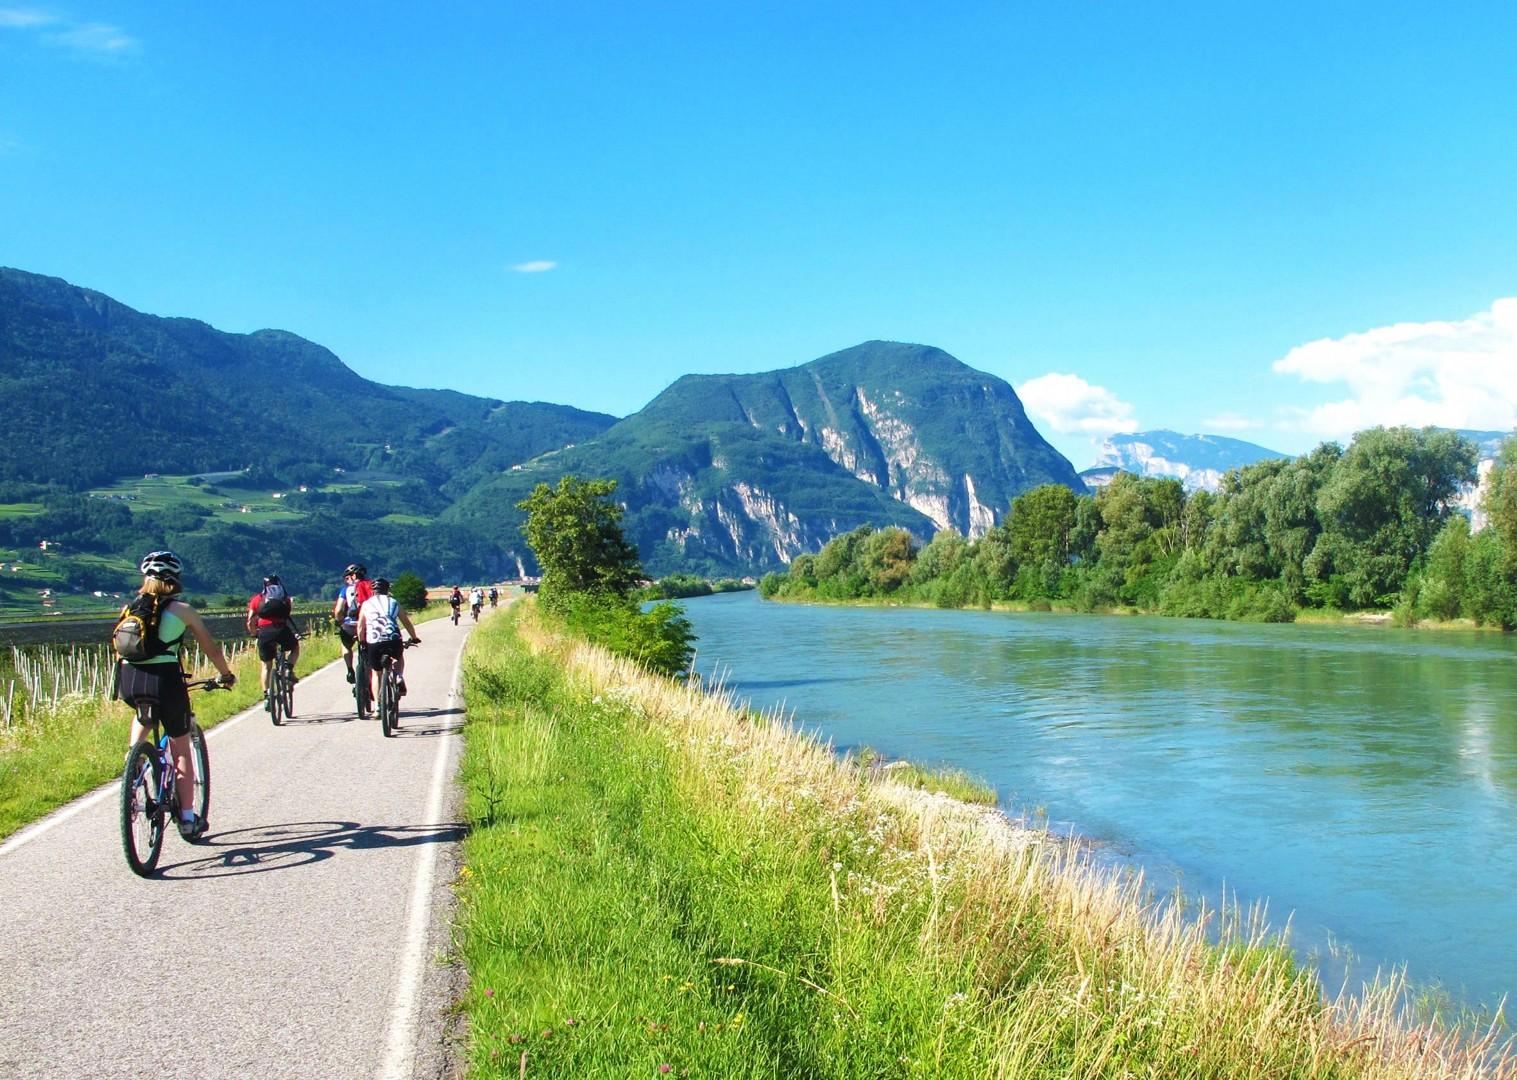 leisurely-cycling-adventure-la-via-claudia-italy.jpg - Italy - La Via Claudia - Self-Guided Leisure Cycling Holiday - Italia Leisure and Family Cycling